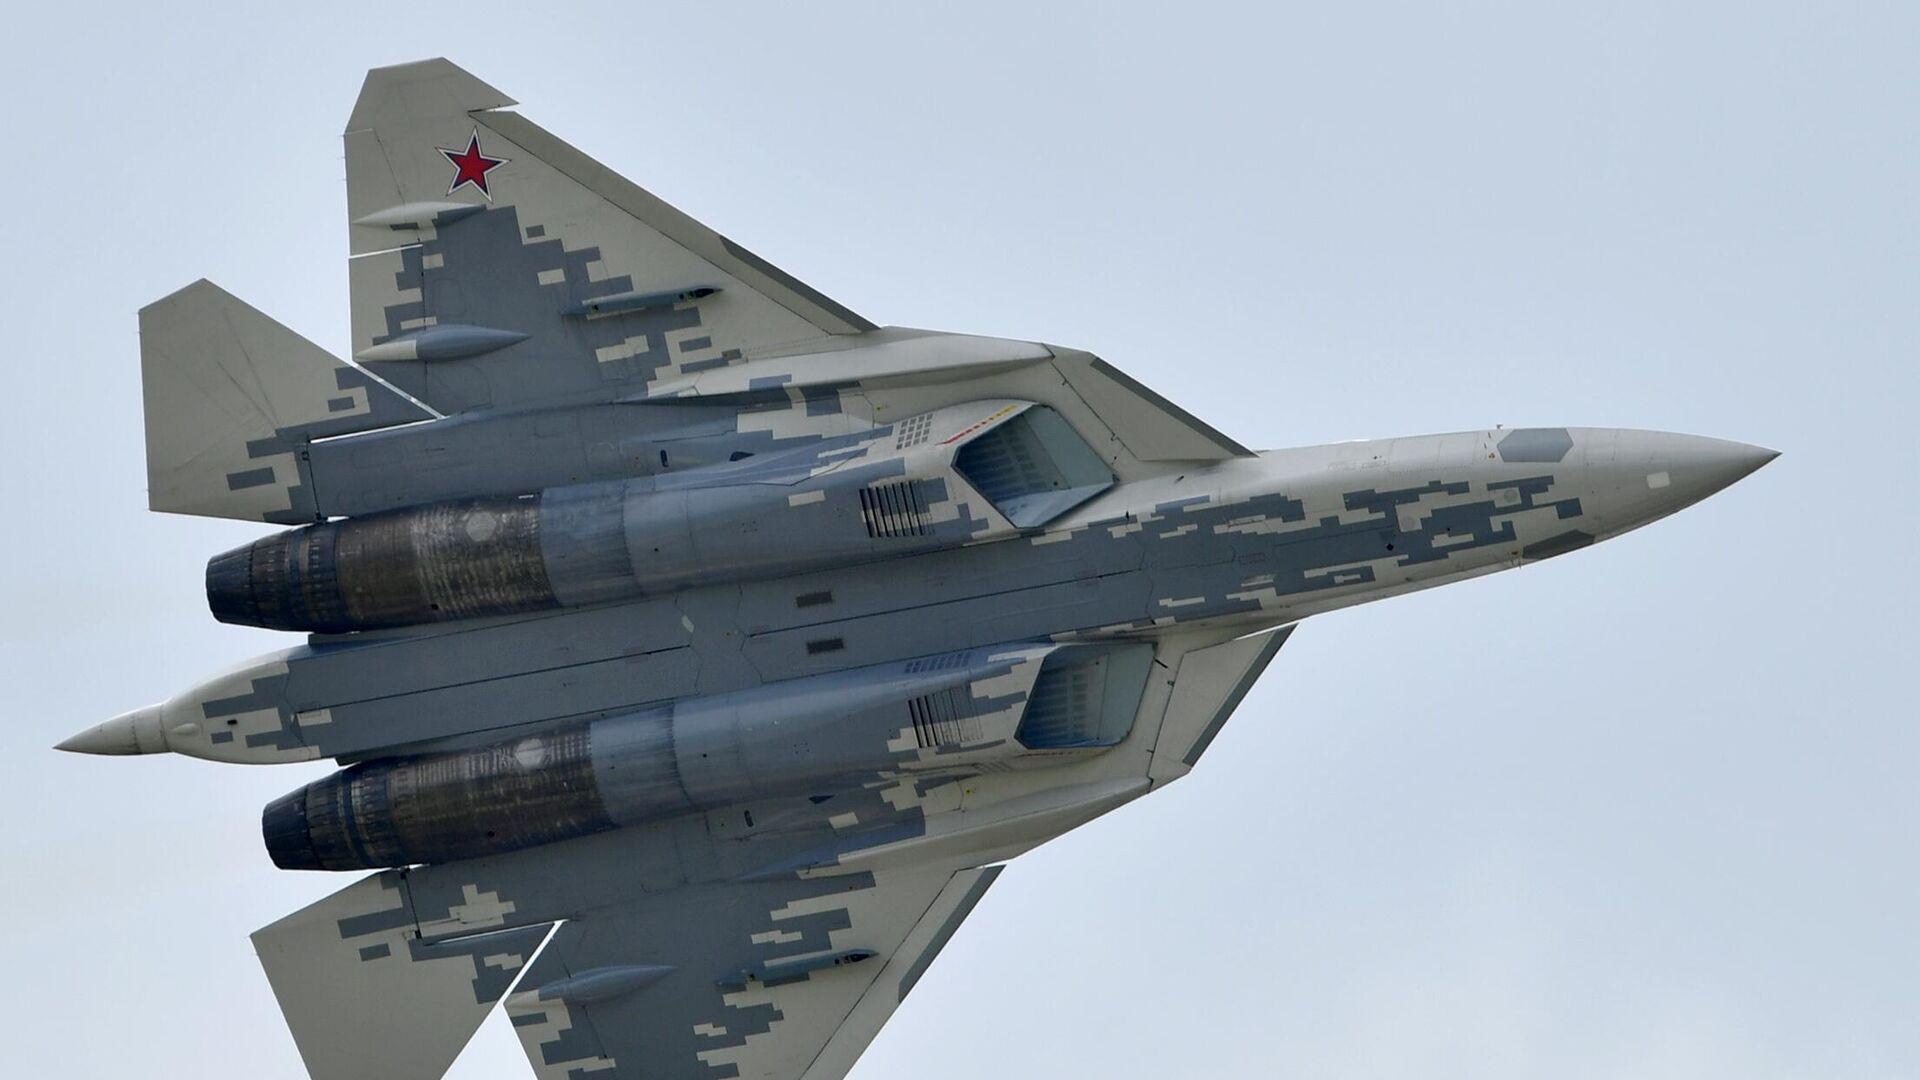 Un caza Su-57 de las Fuerzas Aeroespaciales de Rusia - Sputnik Mundo, 1920, 10.05.2021